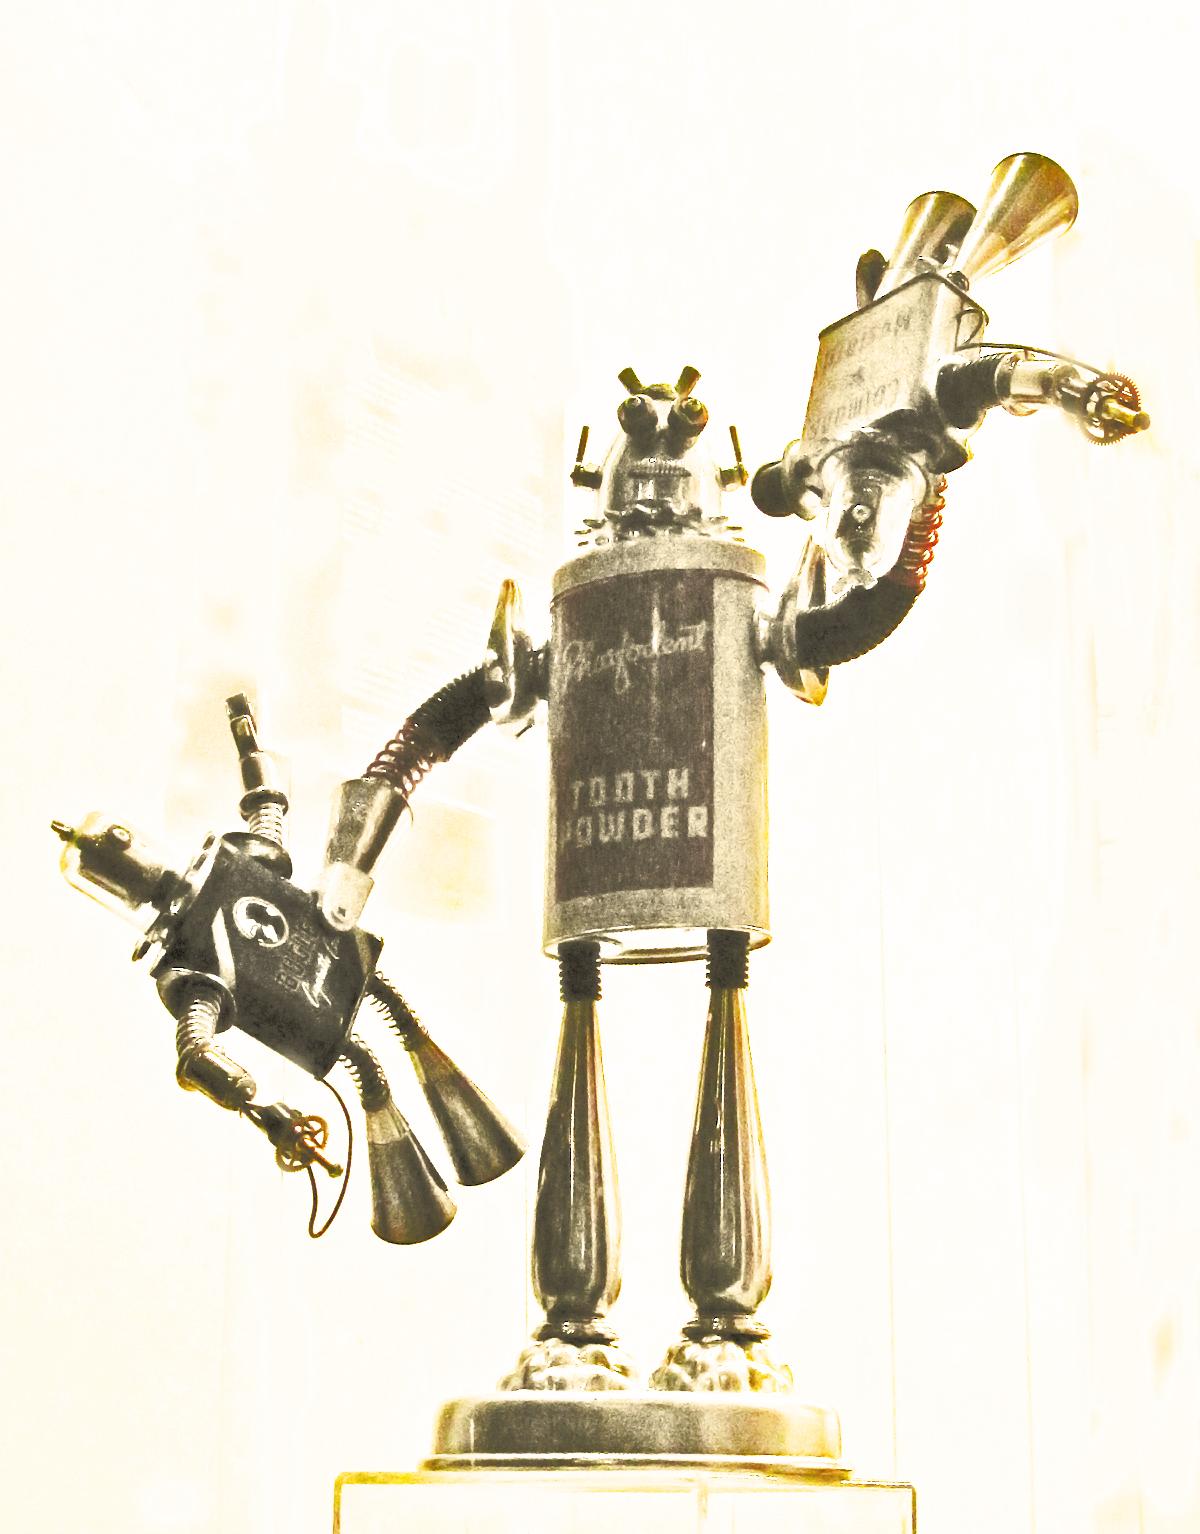 Robots gone wild